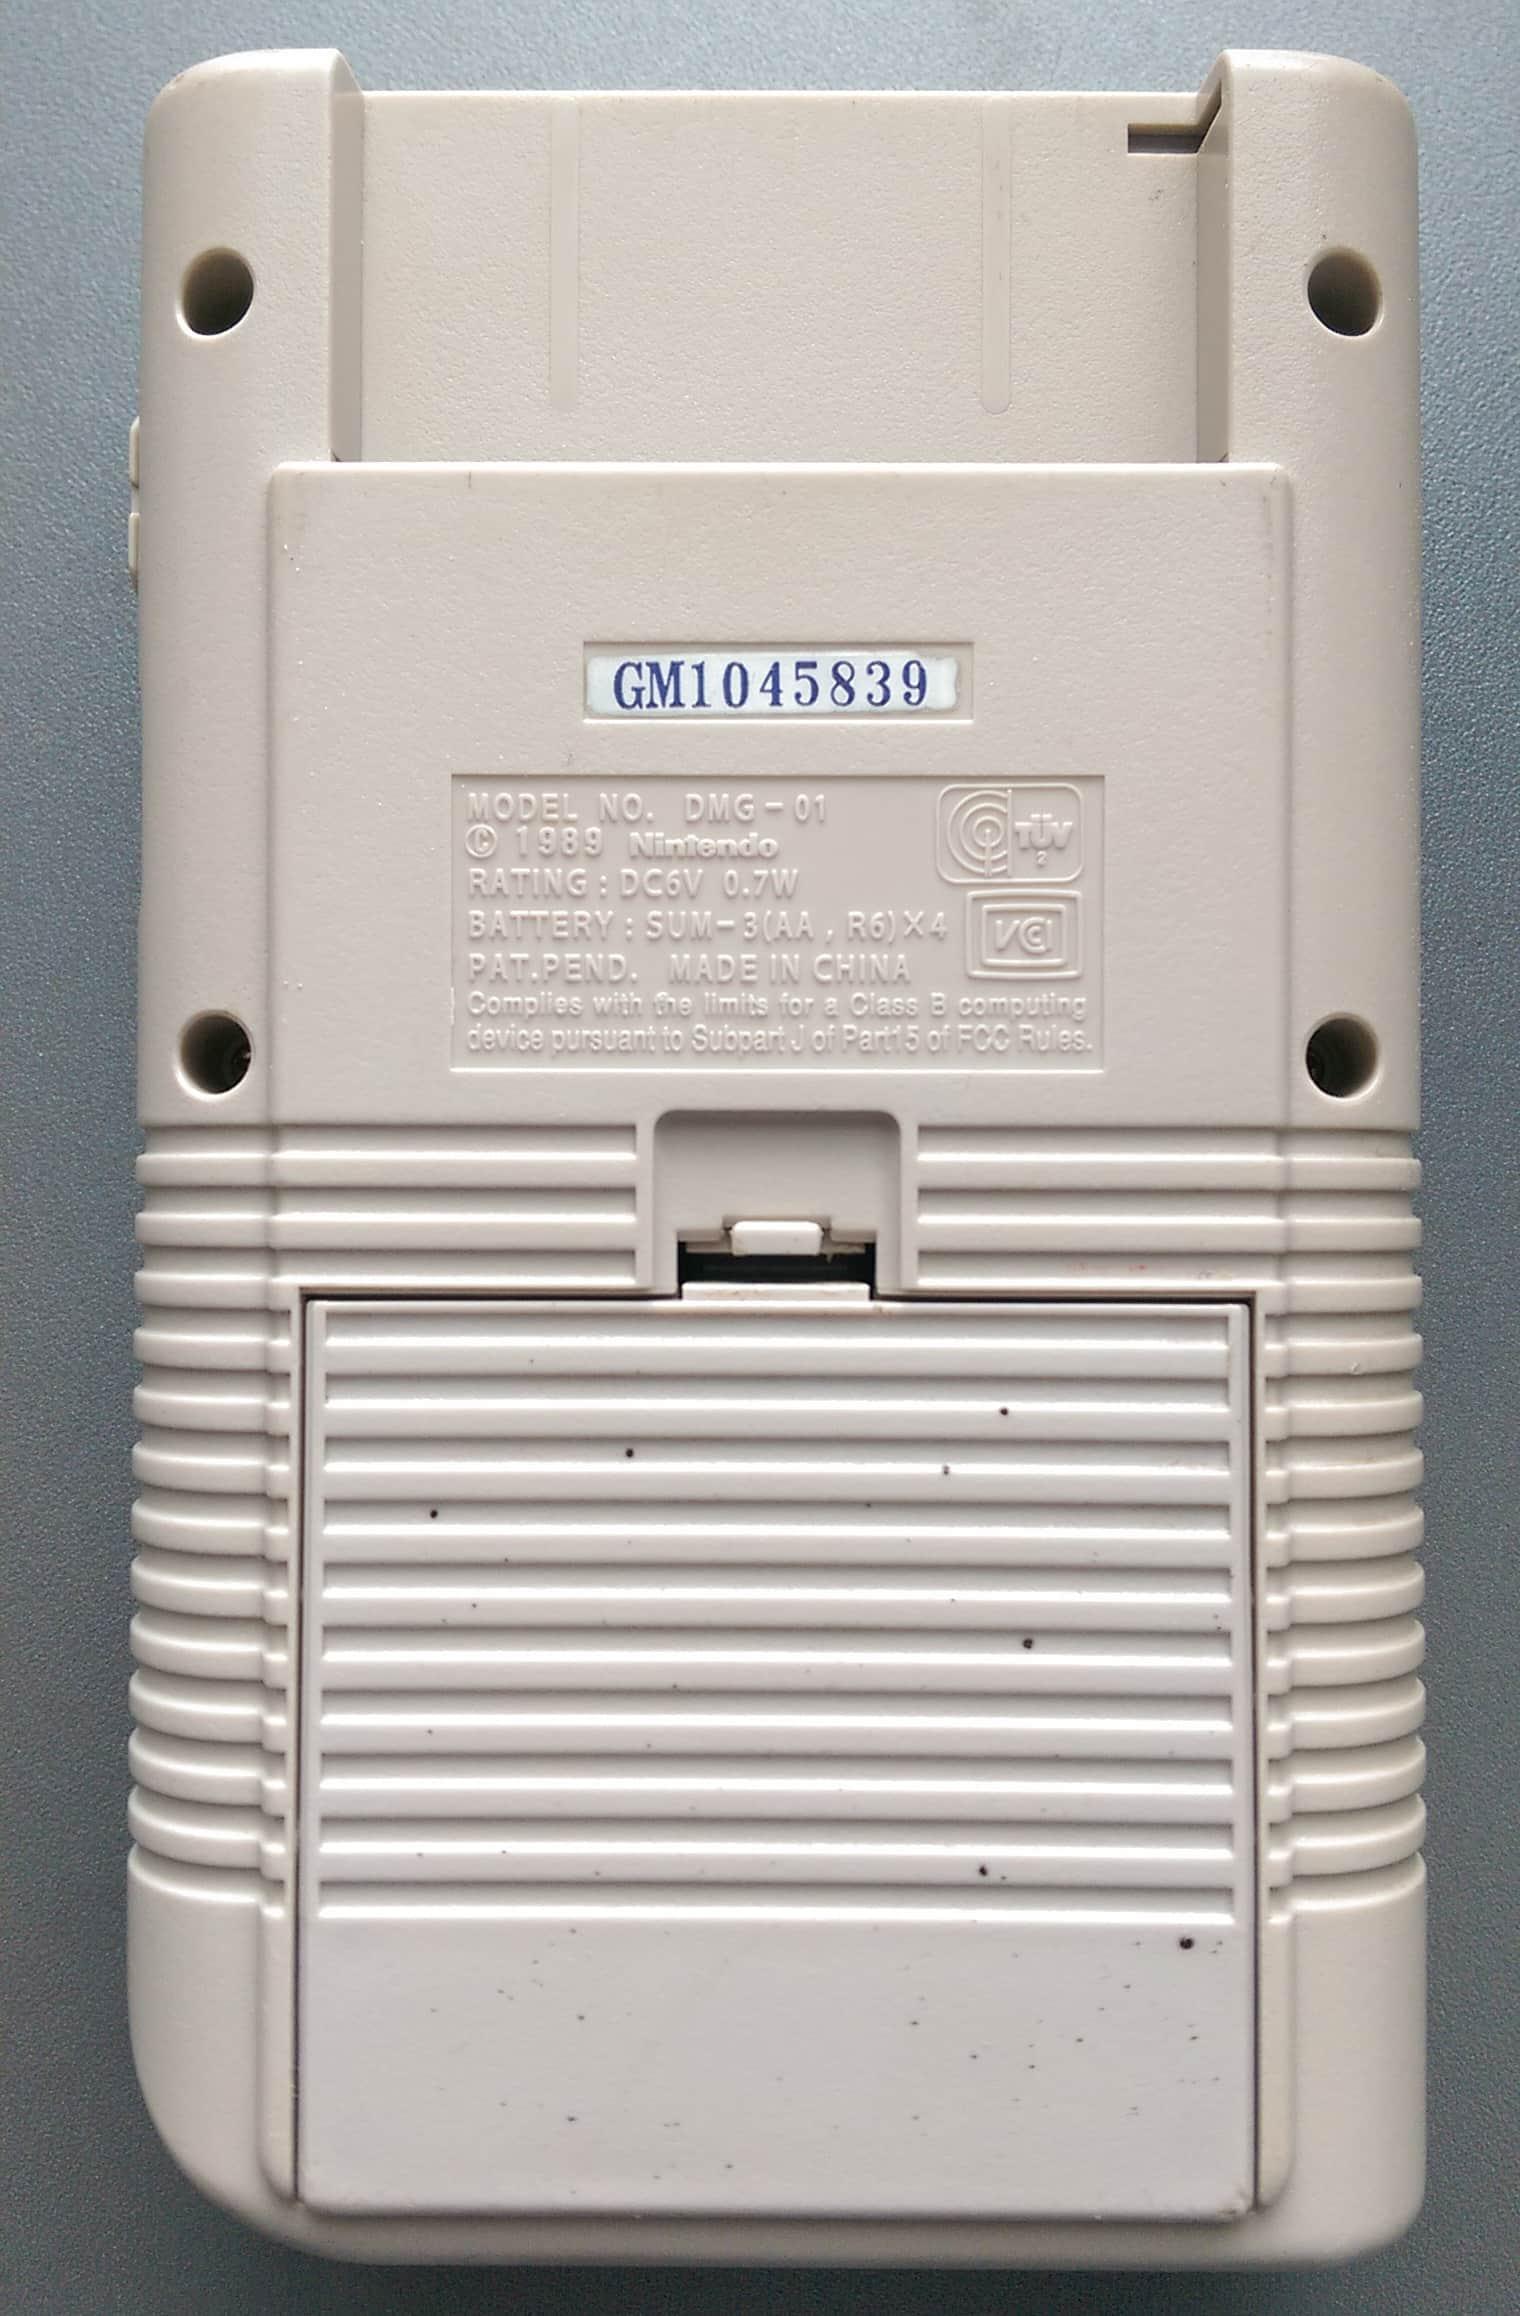 Dmg Gm1045839 Gekkio Game Boy Hardware Database